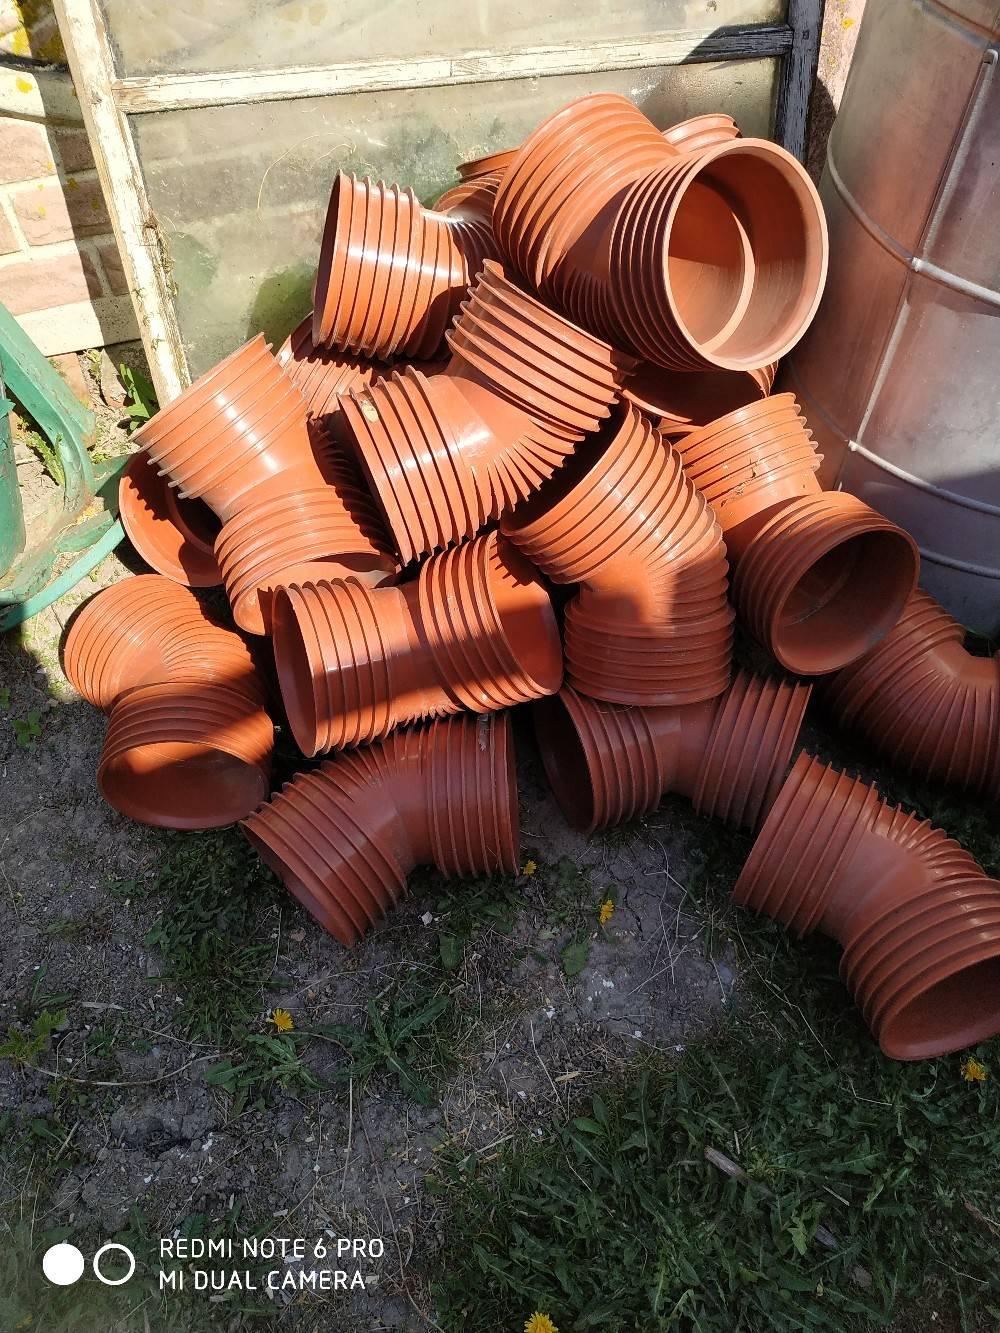 8 советов, какие канализационные трубы выбрать для внутренней канализации в квартире и частном доме | строительный блог вити петрова